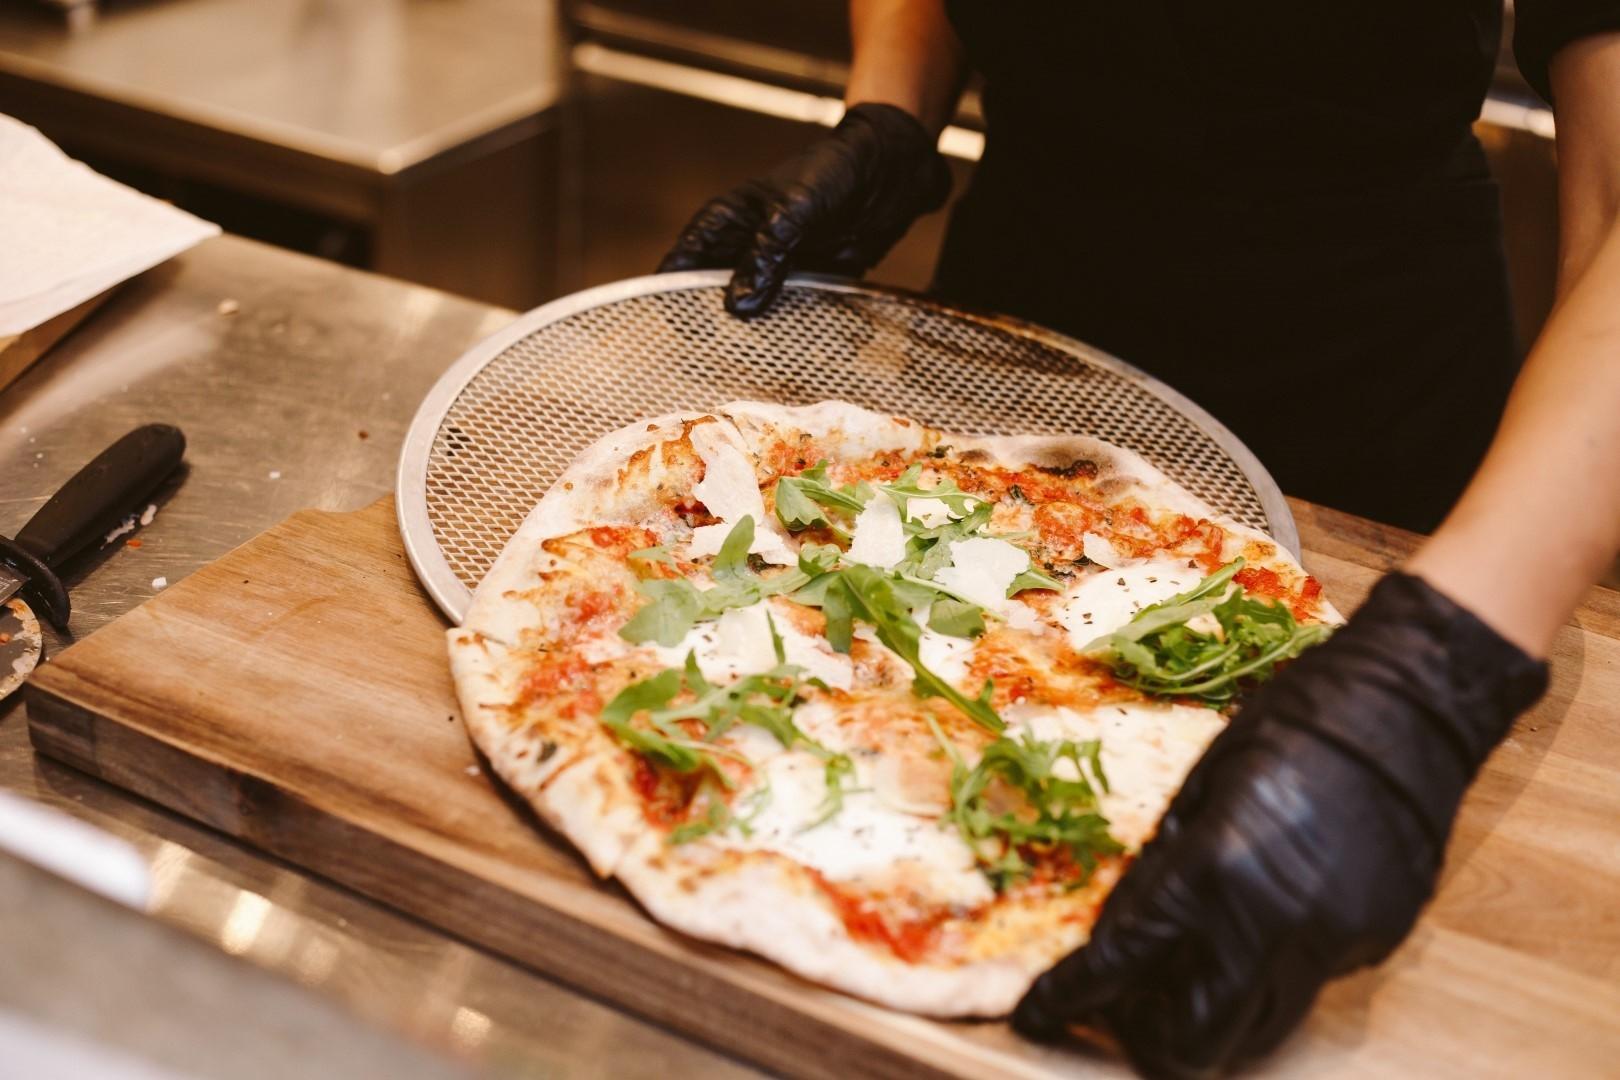 לשכת התיירות של איטליה בישראל מציגה את שבוע האוכל האיטלקי 2019 צילום בר .. 005